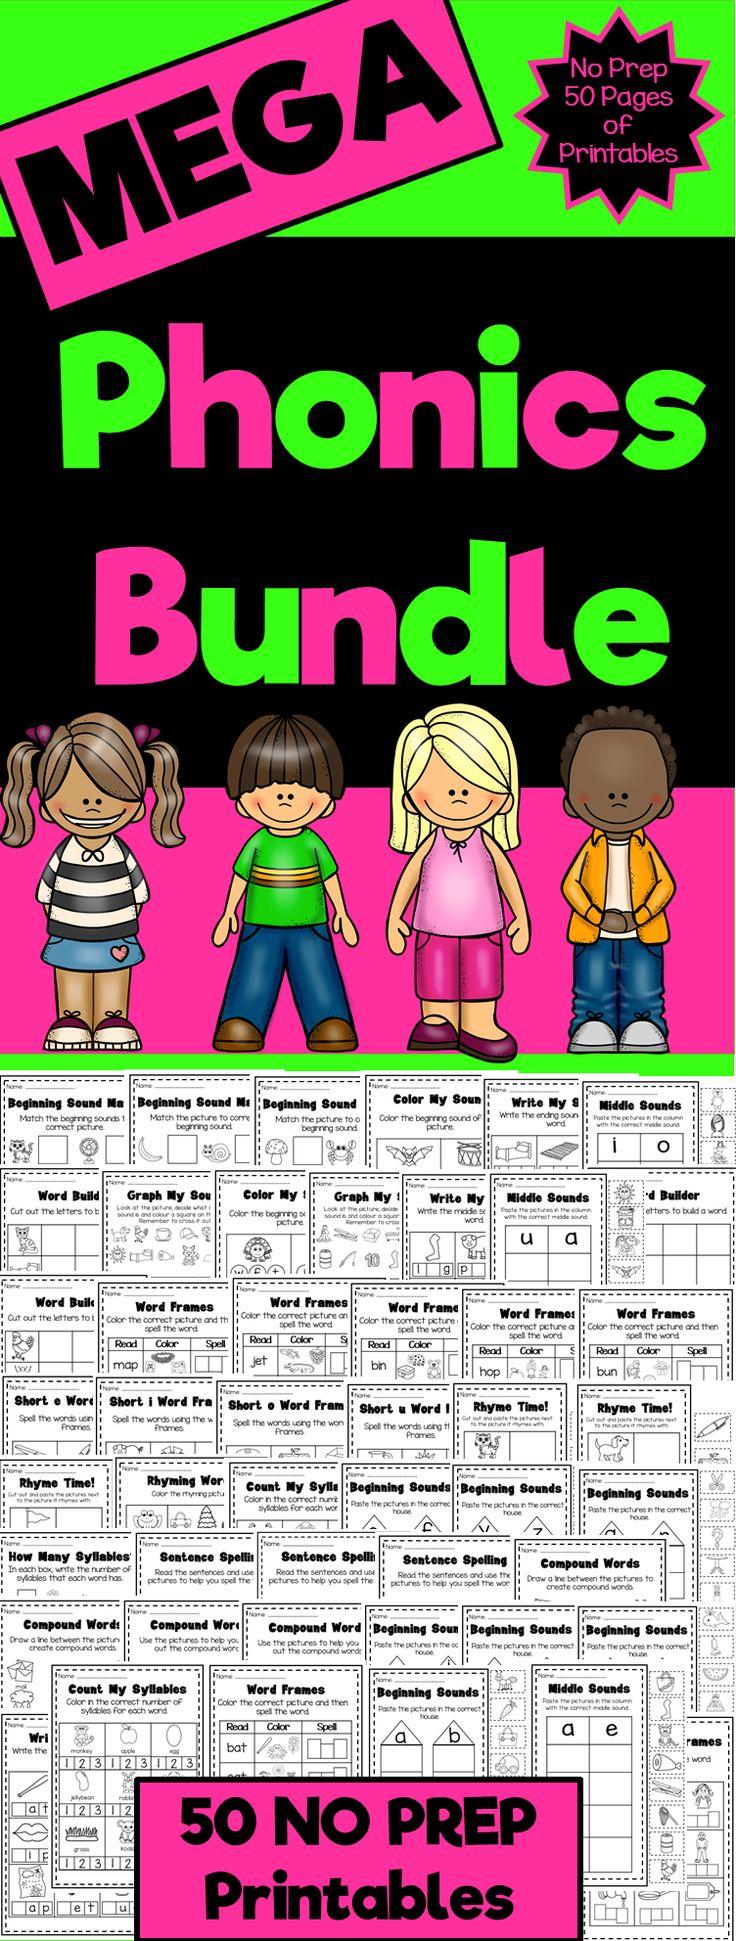 Syllable patterns vccv worksheet education com - Mega Phonics Worksheet Bundle Pre K Kindergarten